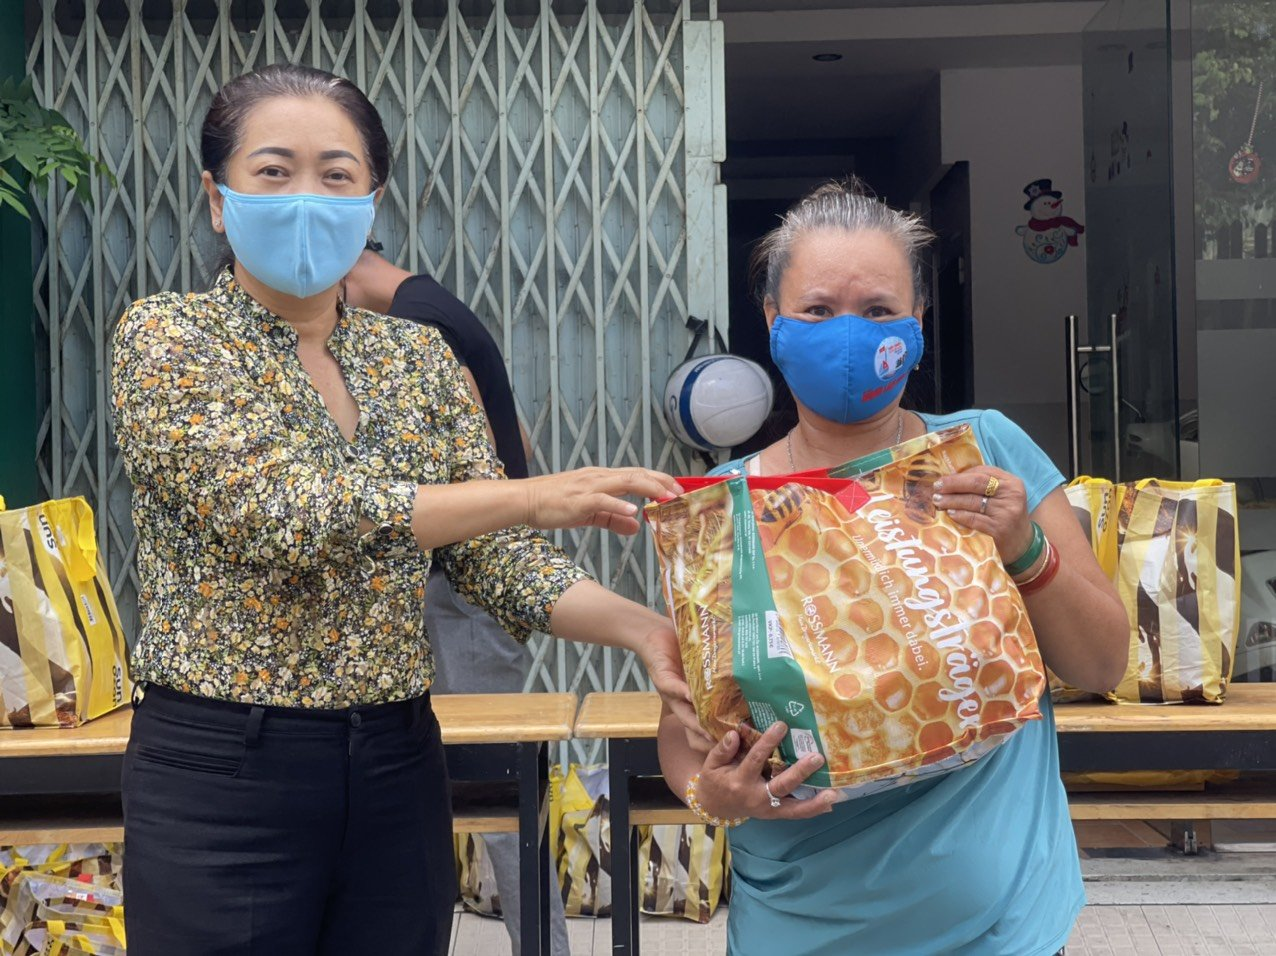 TP Hồ Chí Minh: Ngừng hoạt động mạng lưới tình nguyện viên tiếp nhận thông tin hỗ trợ qua Tổng đài 1022 - Ảnh 1.